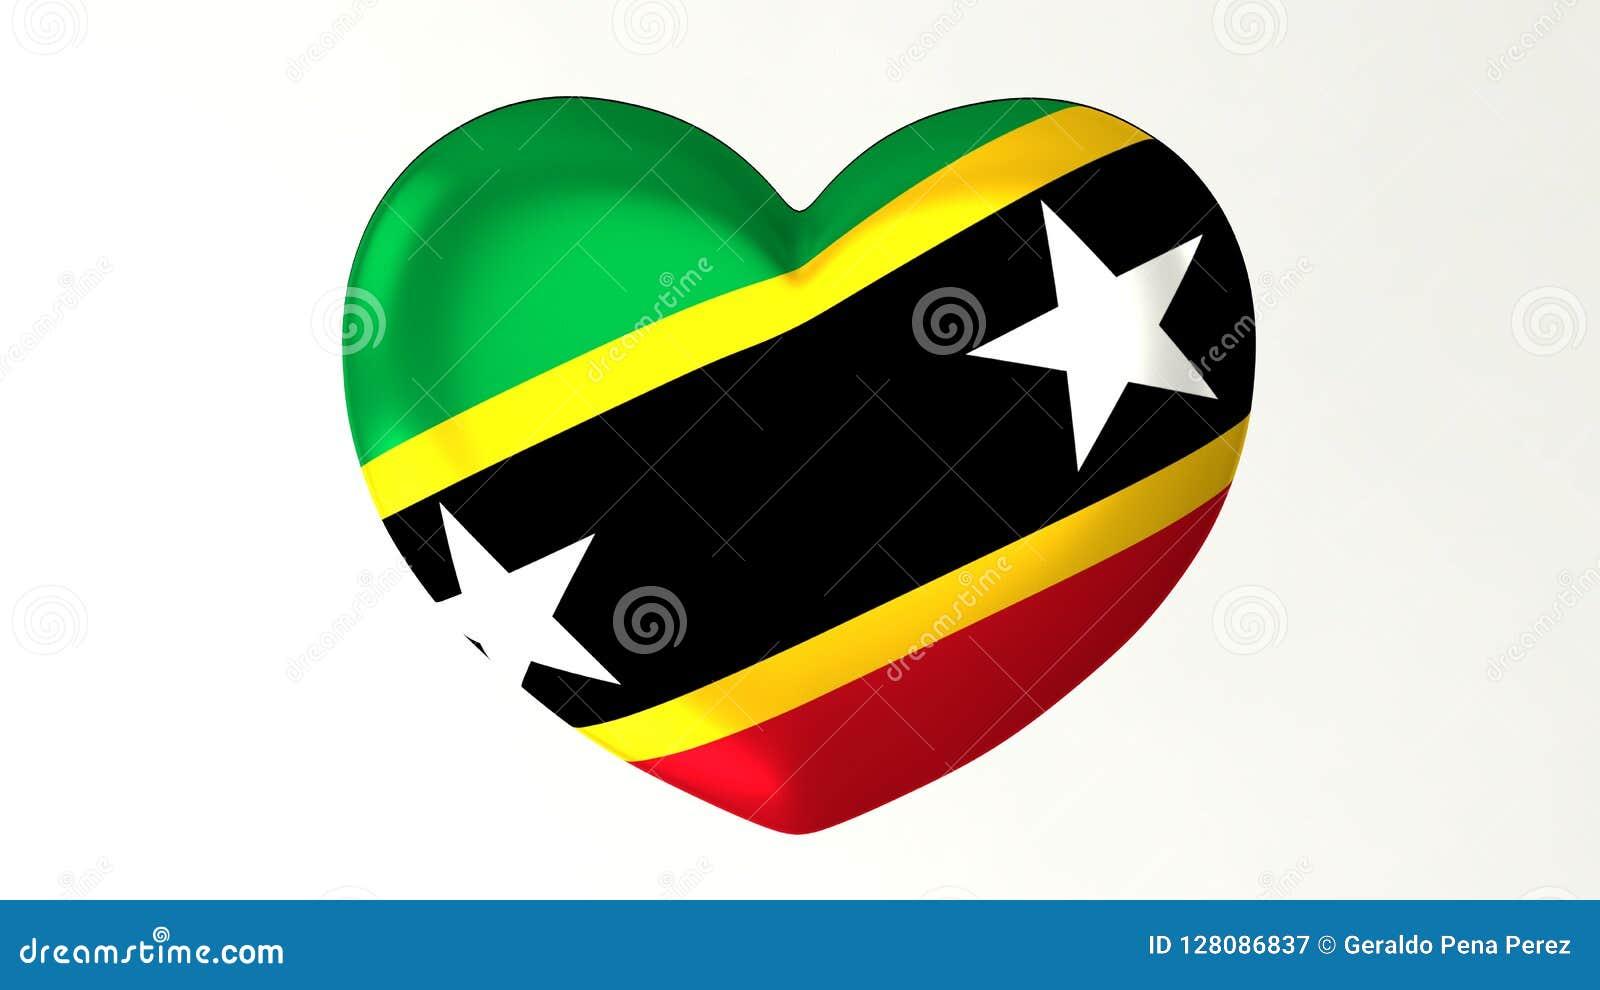 Καρδιά-διαμορφωμένη τρισδιάστατη απεικόνιση Ι σημαιών Σαιντ Κιτς και Νέβις αγάπης